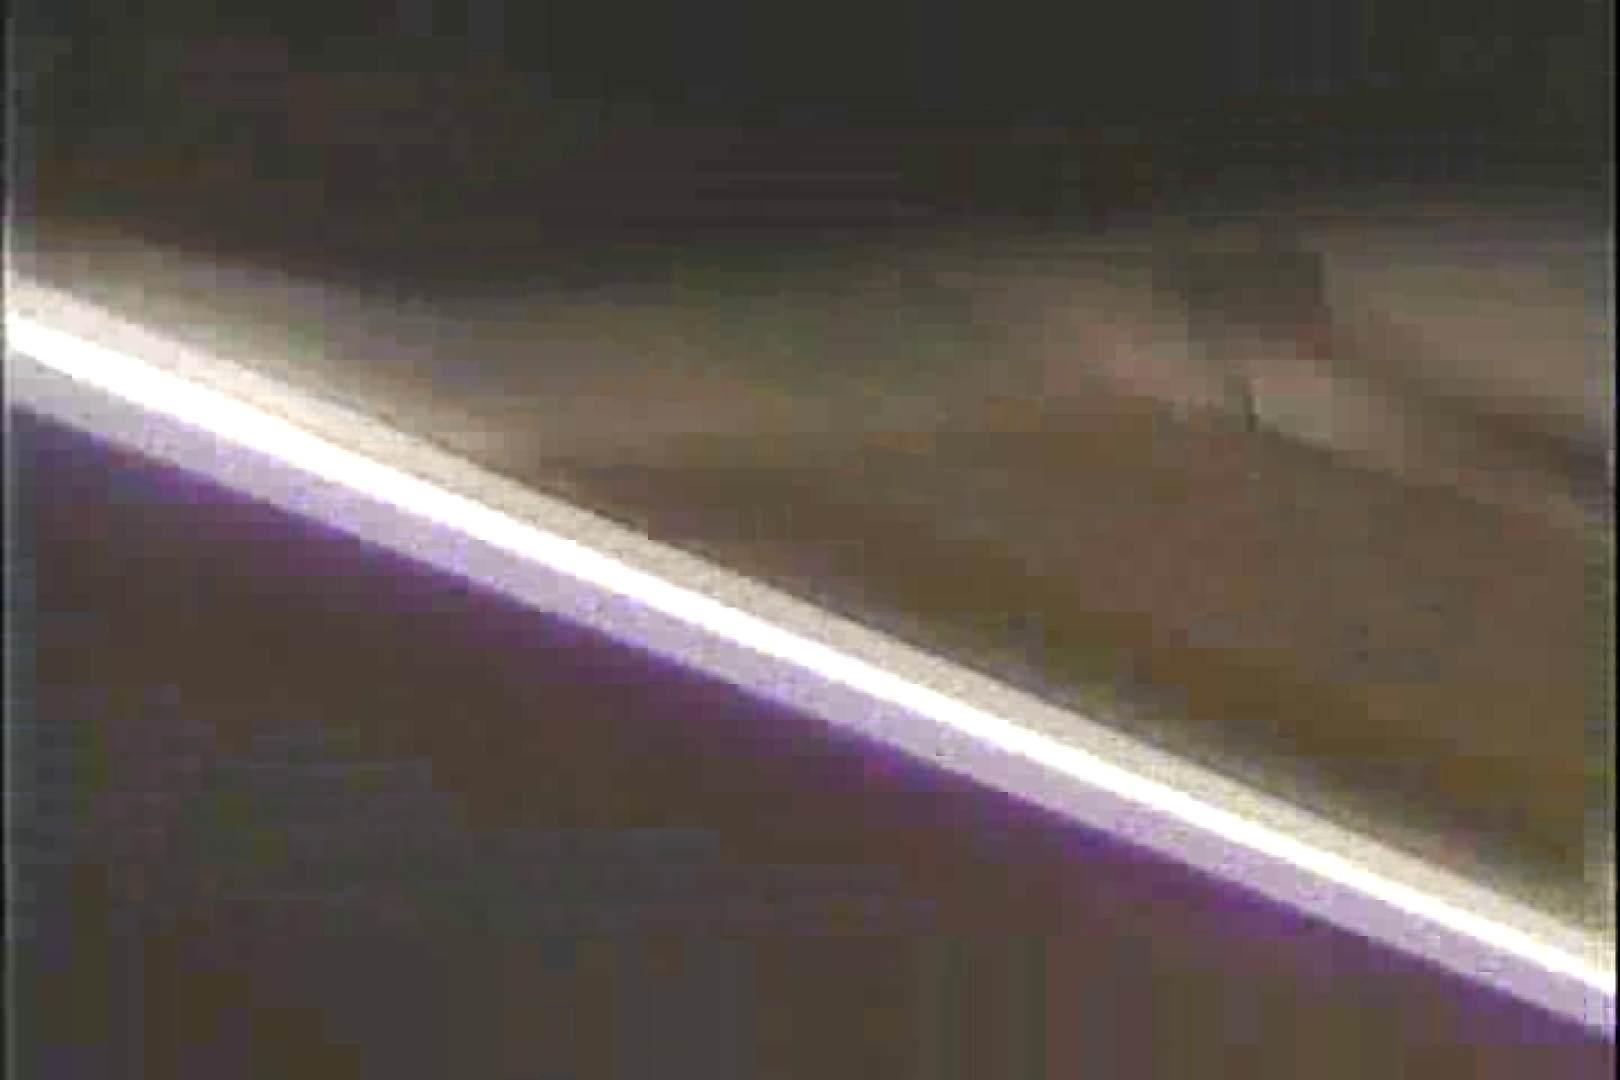 「ちくりん」さんのオリジナル未編集パンチラVol.3_01 下半身 AV動画キャプチャ 101pic 64